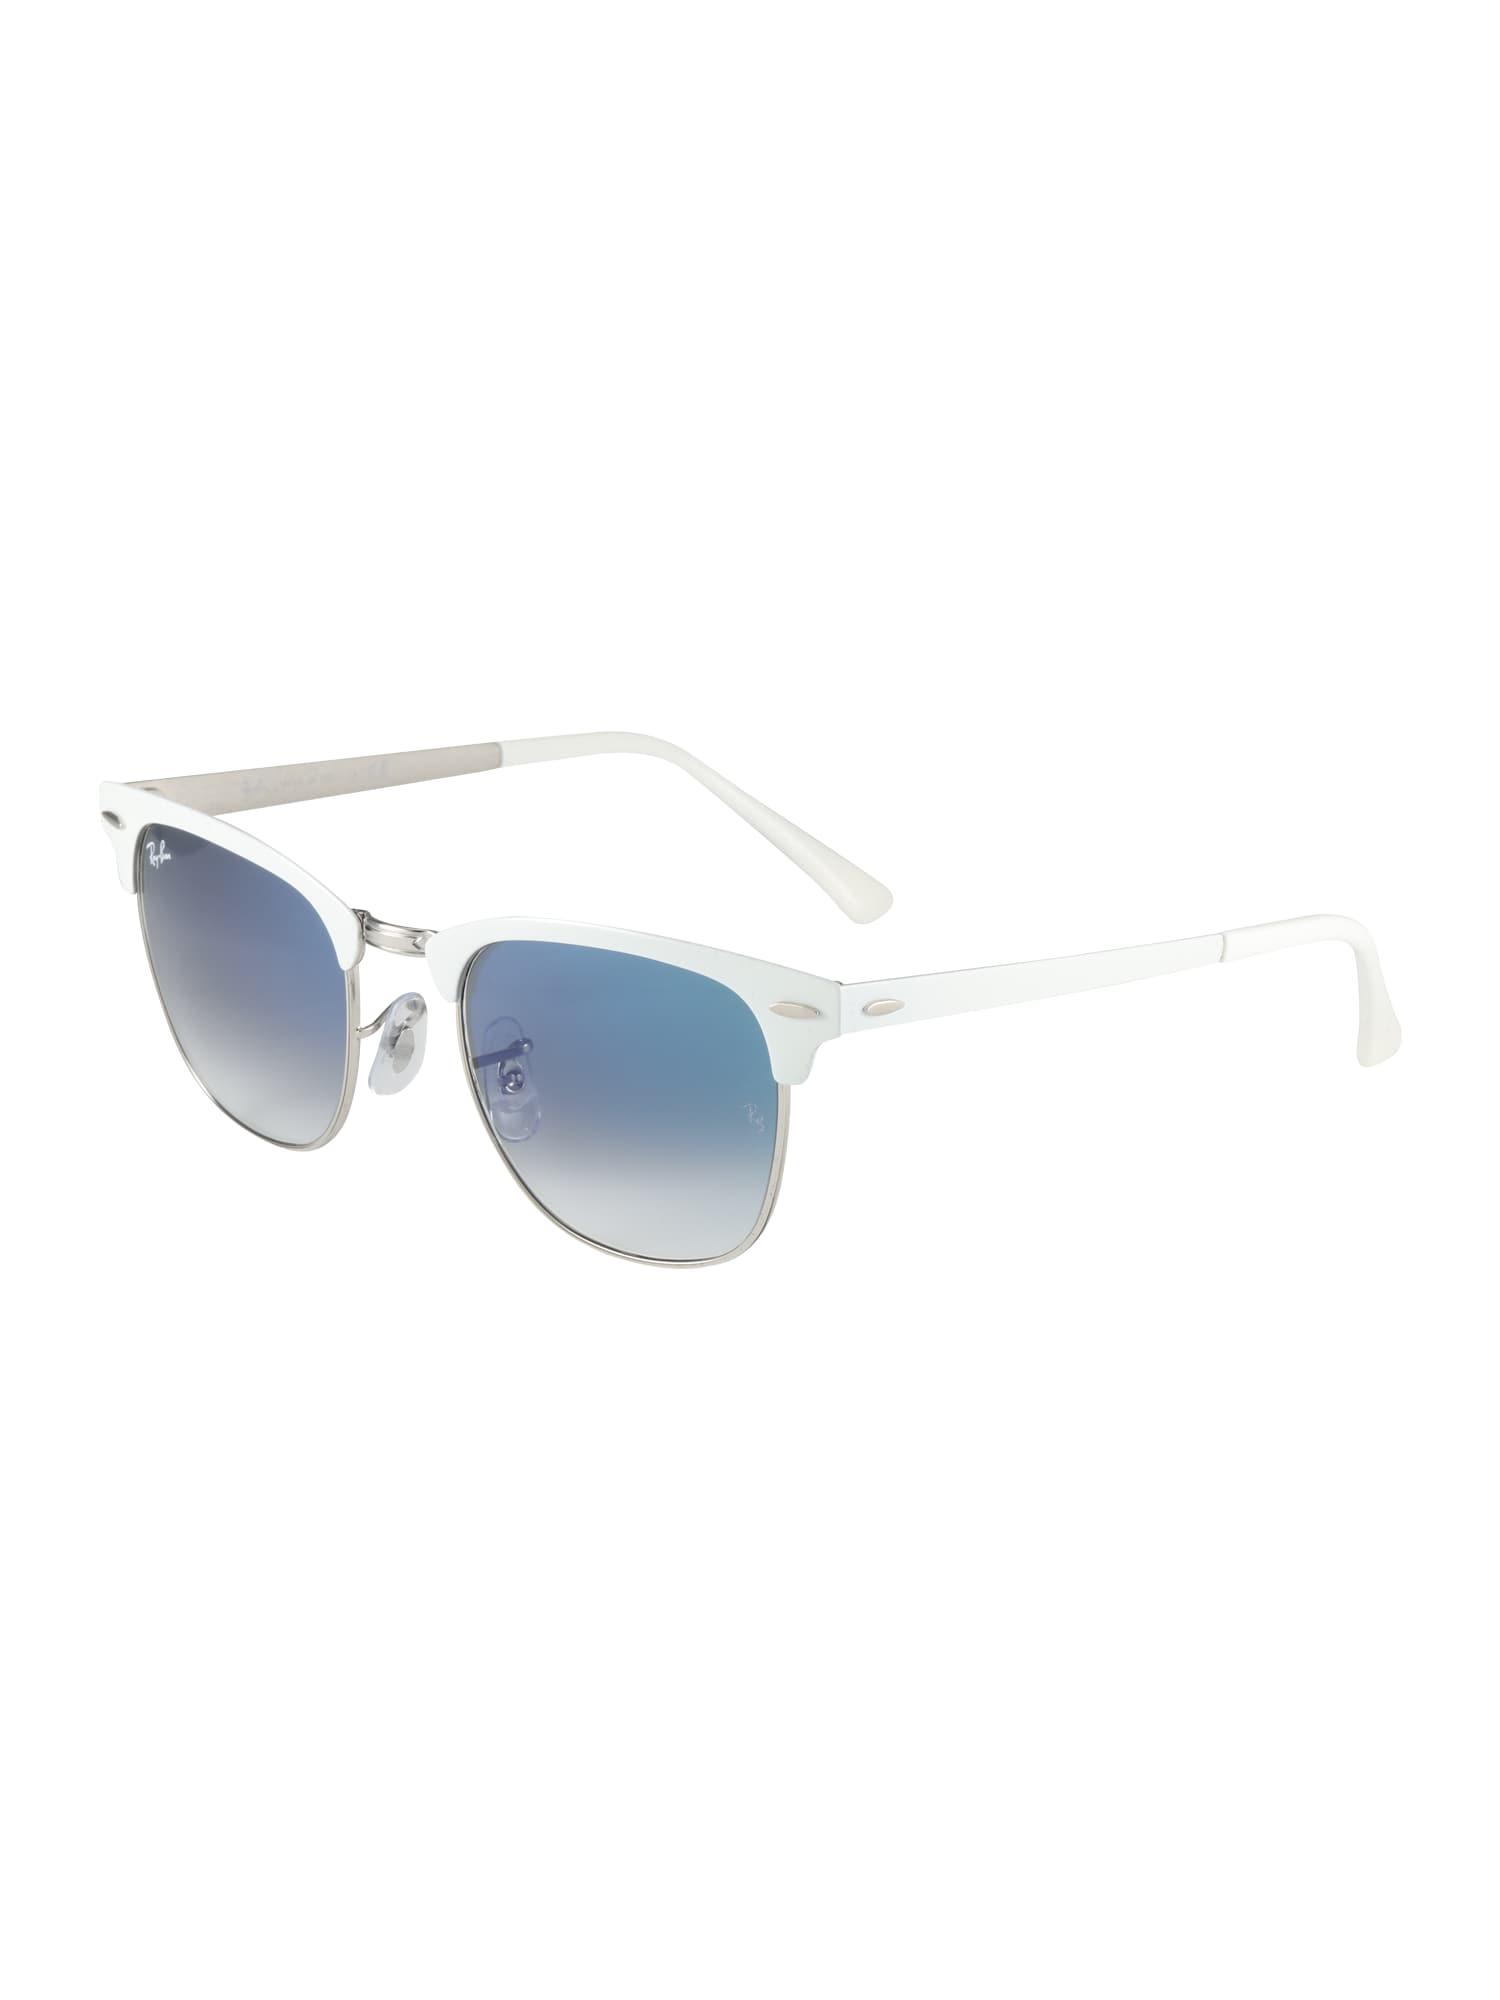 Sluneční brýle RB3716 modrá průhledná Ray-Ban